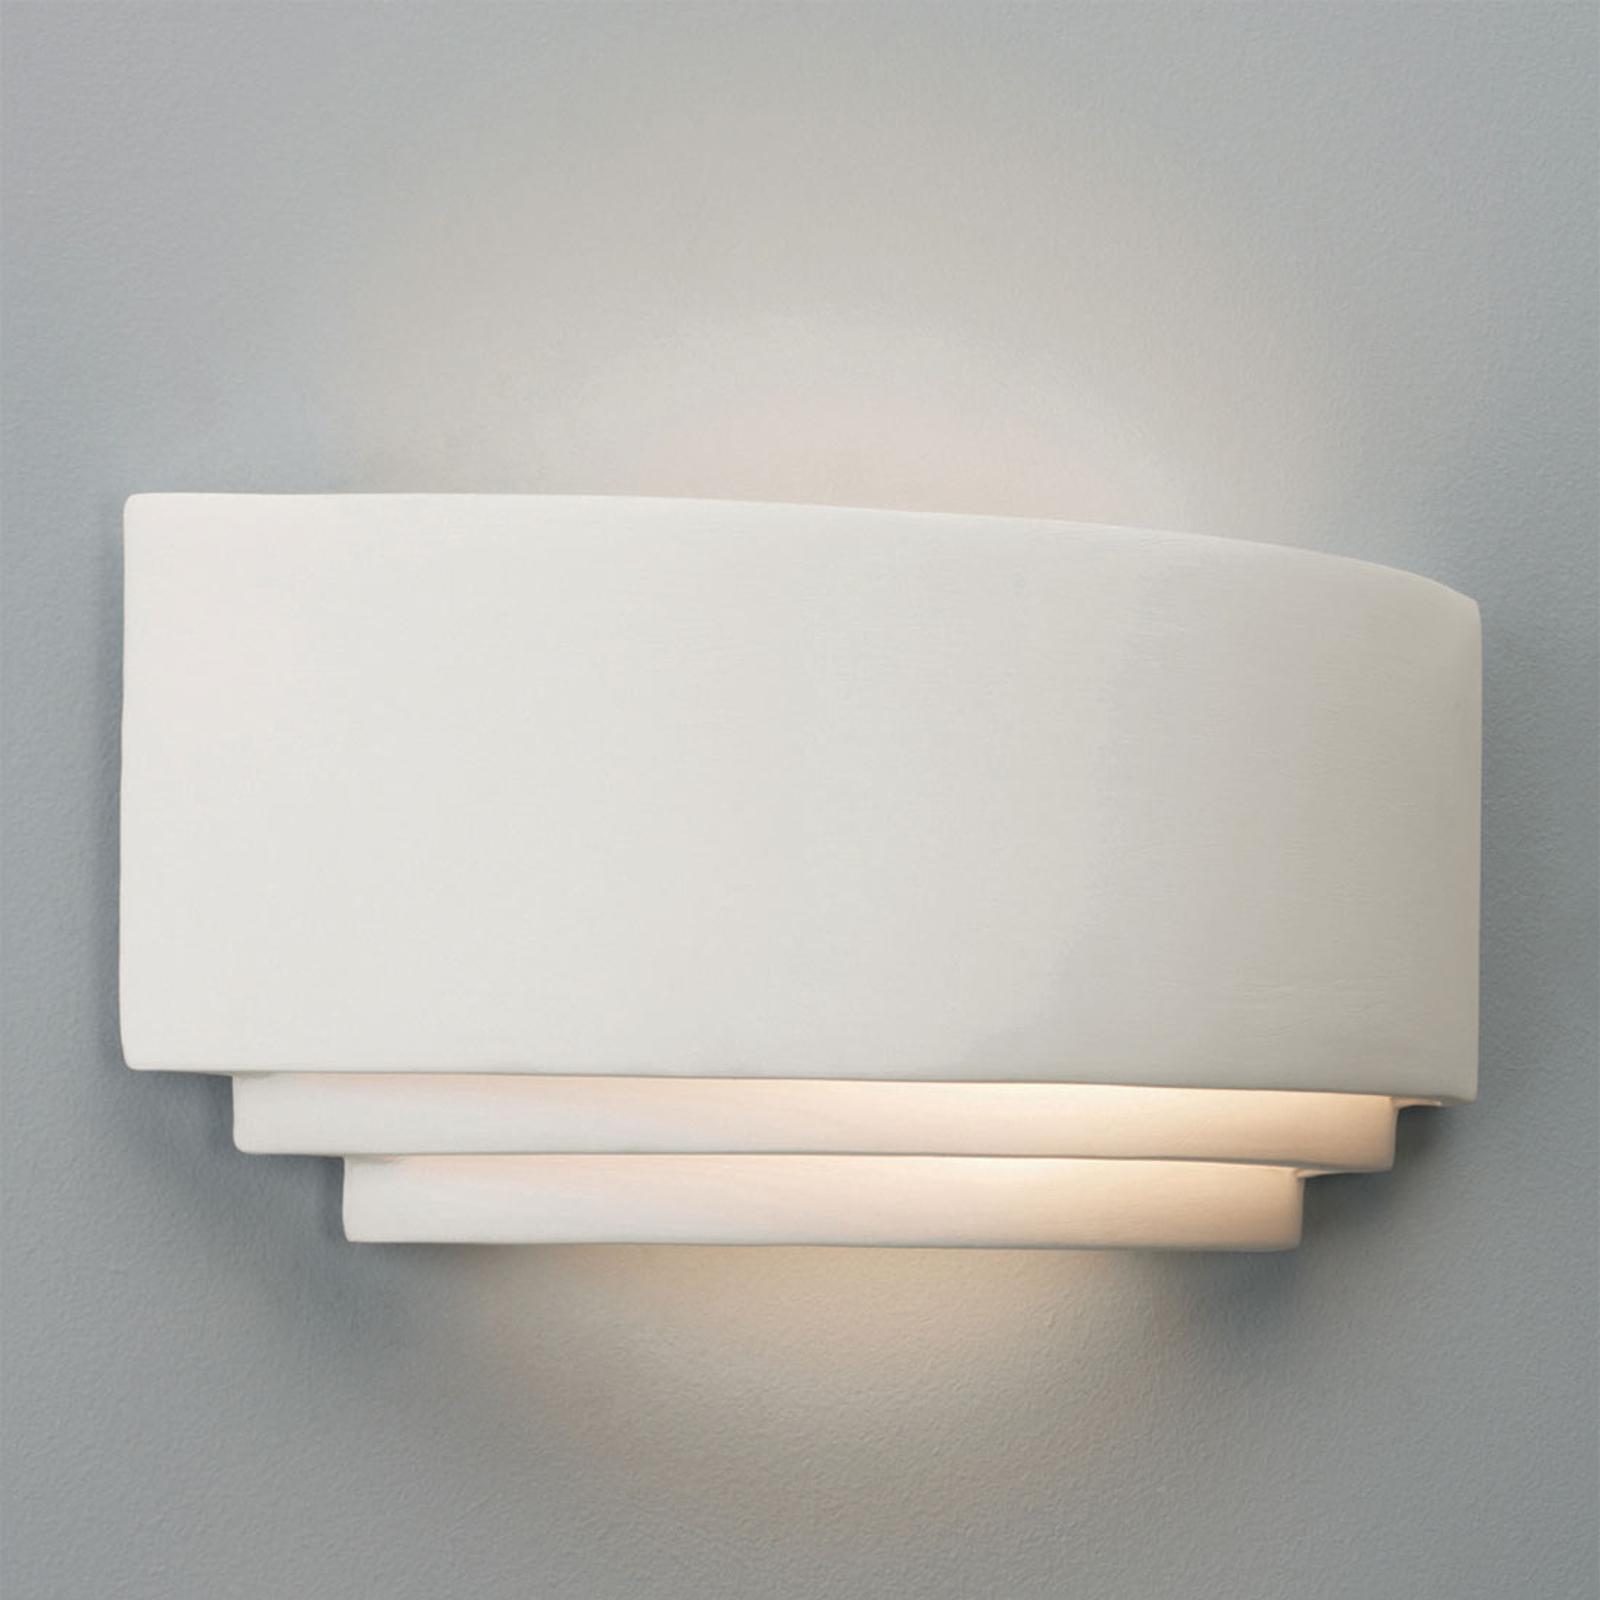 Astro Amalfi 380 weiße Keramik-Wandleuchte 38 cm